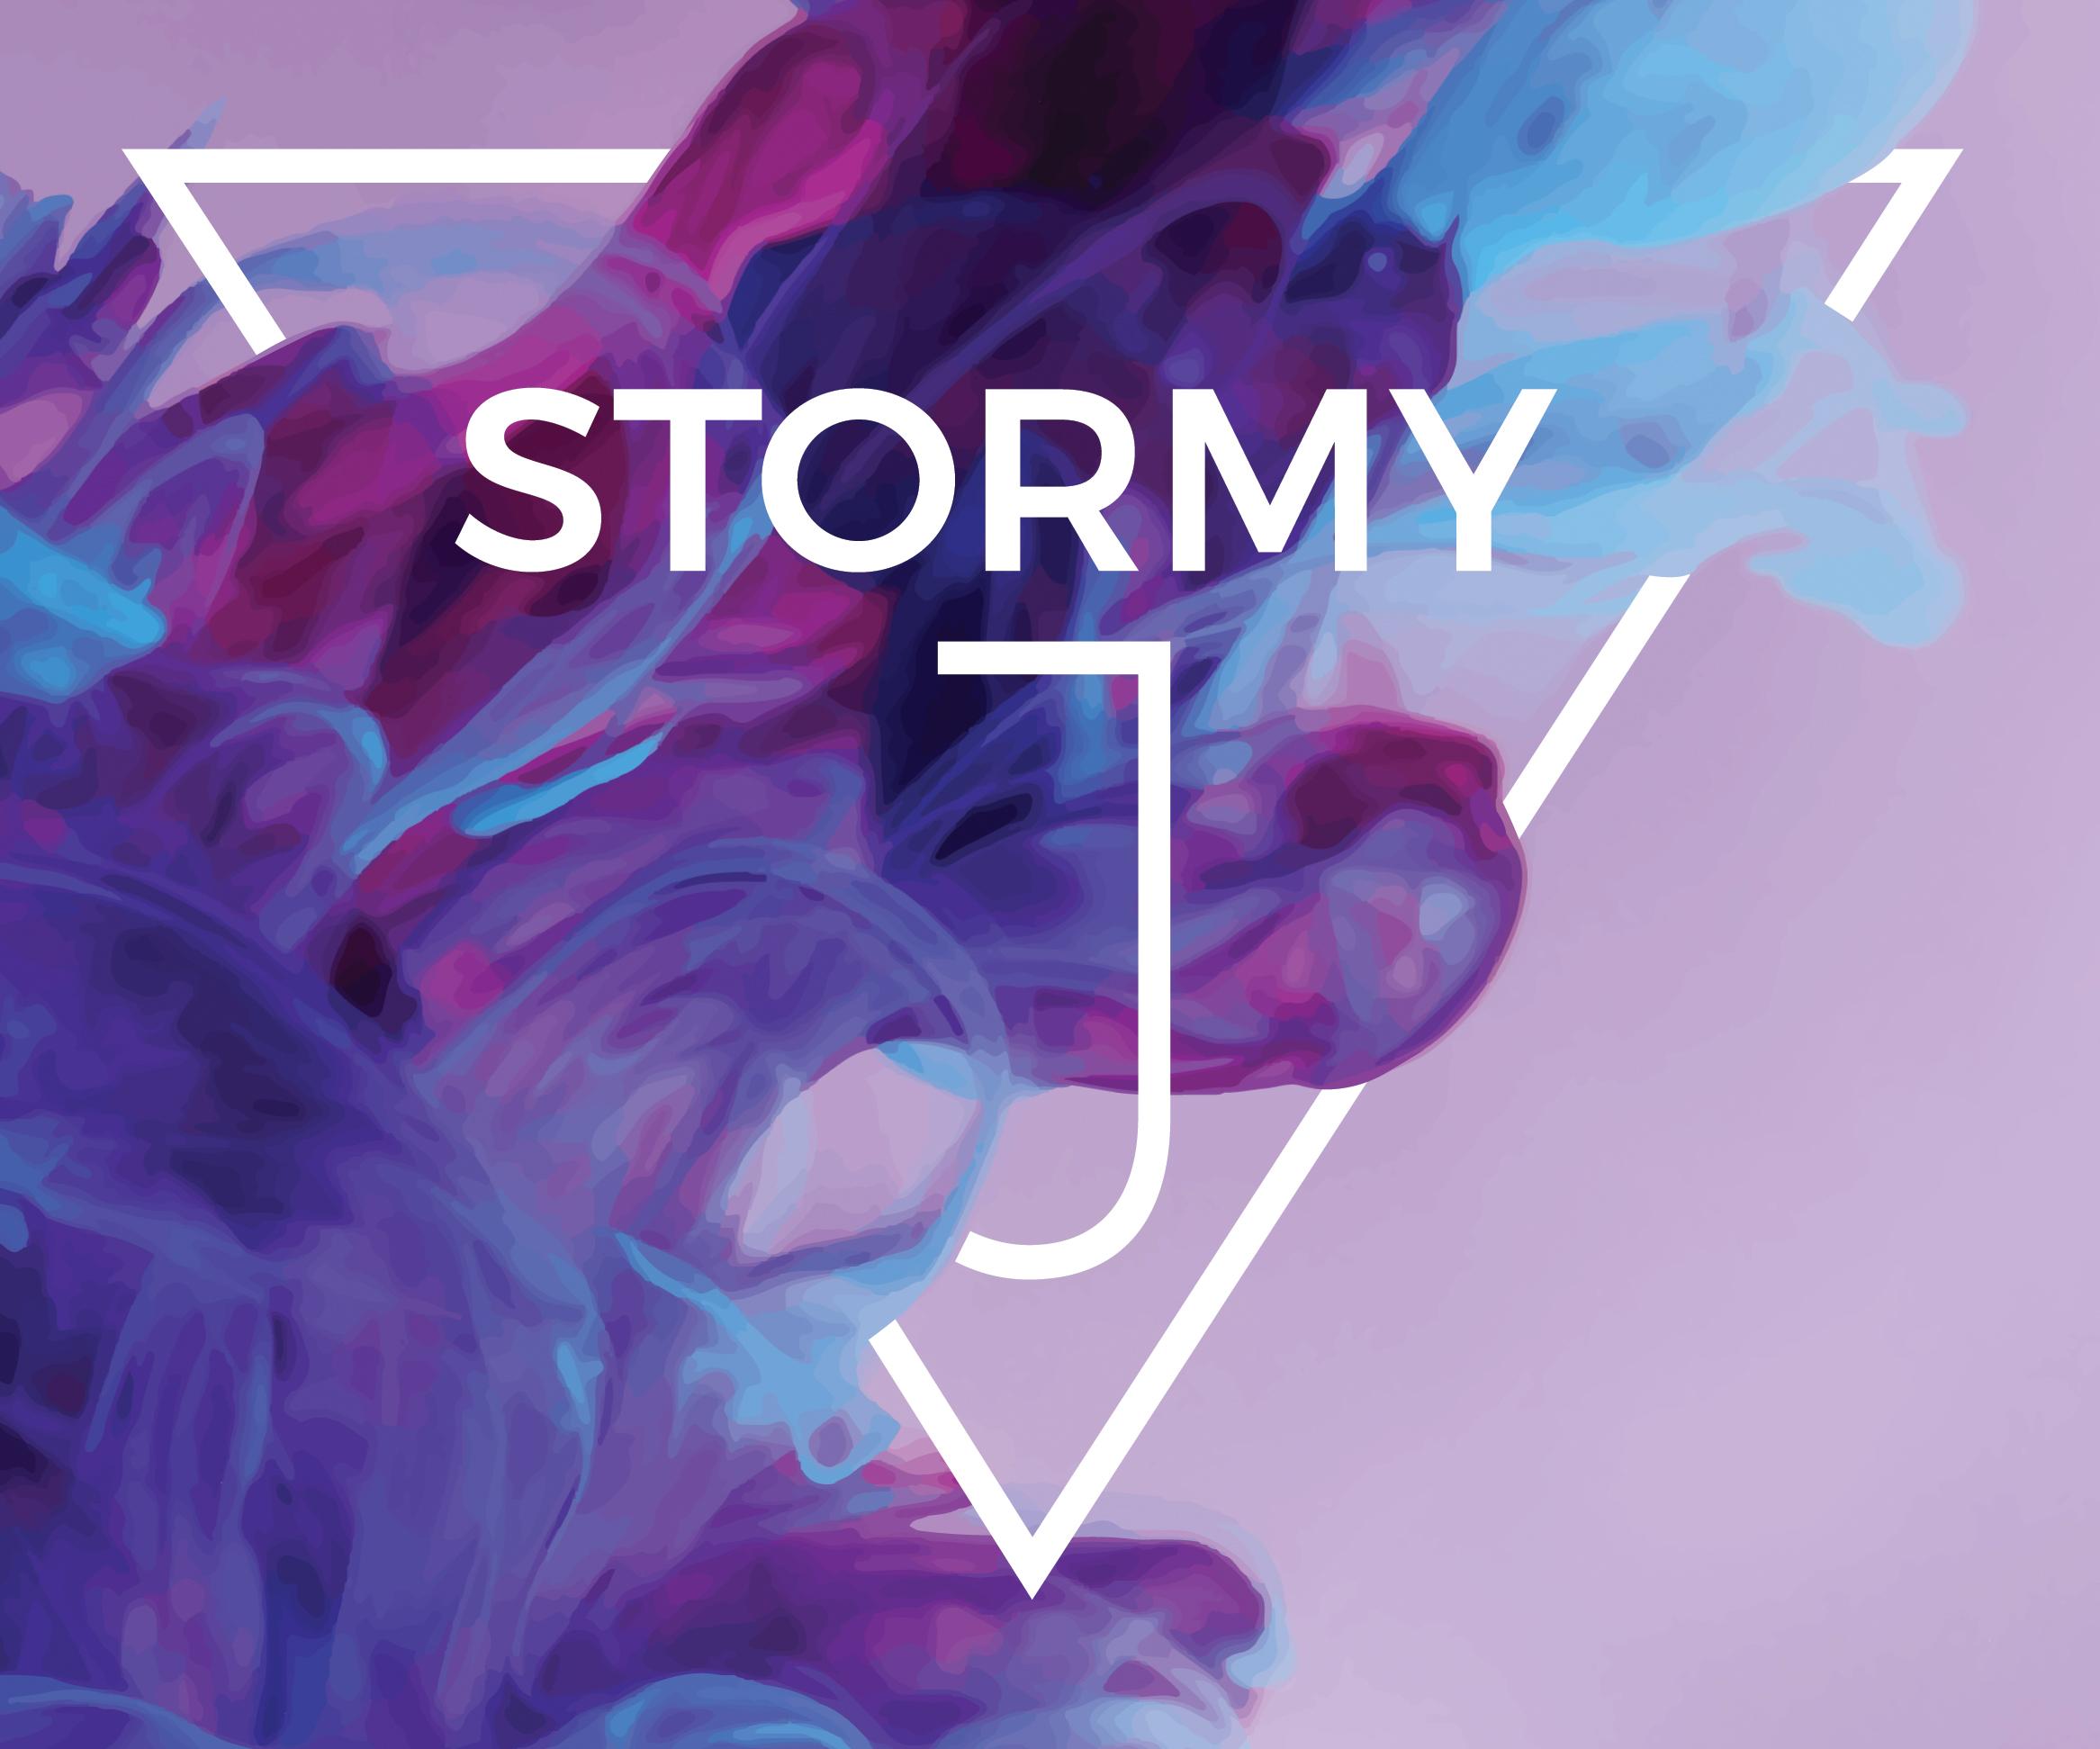 Stormy J